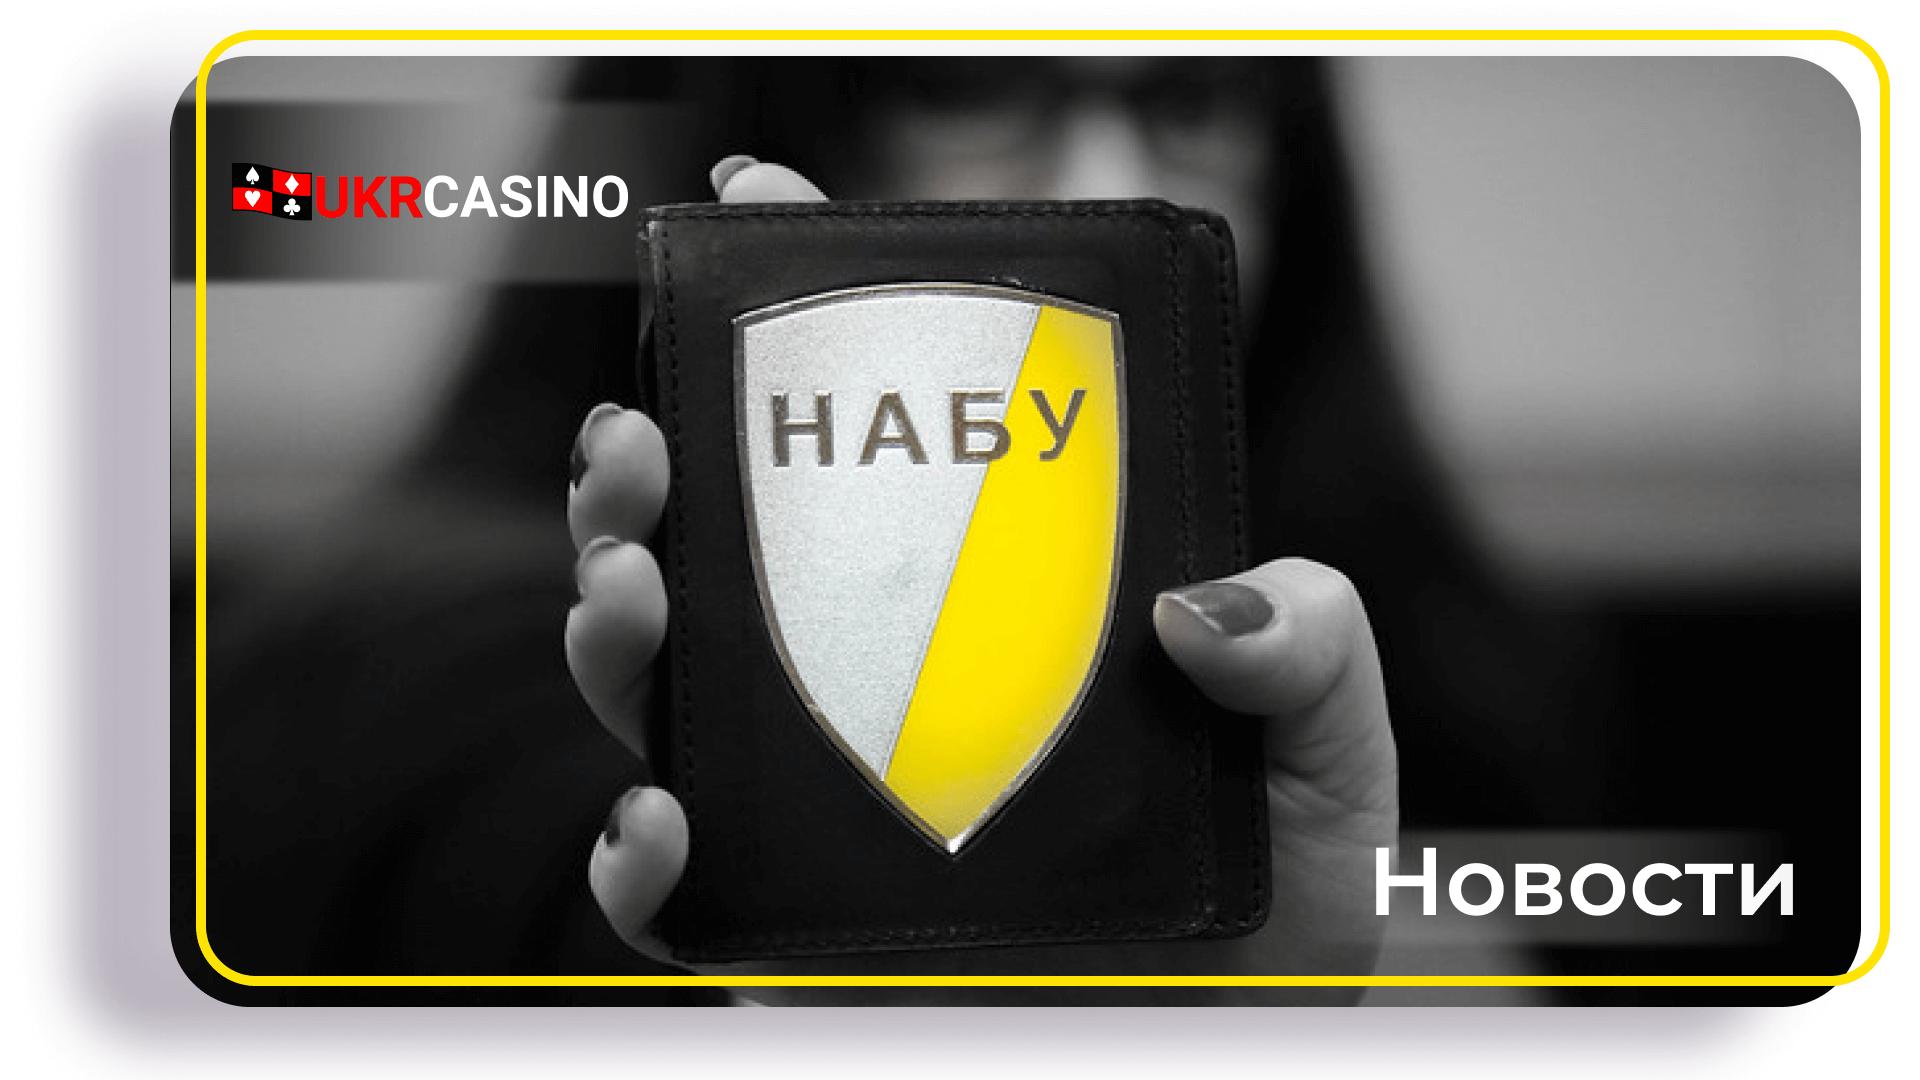 НАБУ проводит обыски в офисе украинского регулятора азартных игр